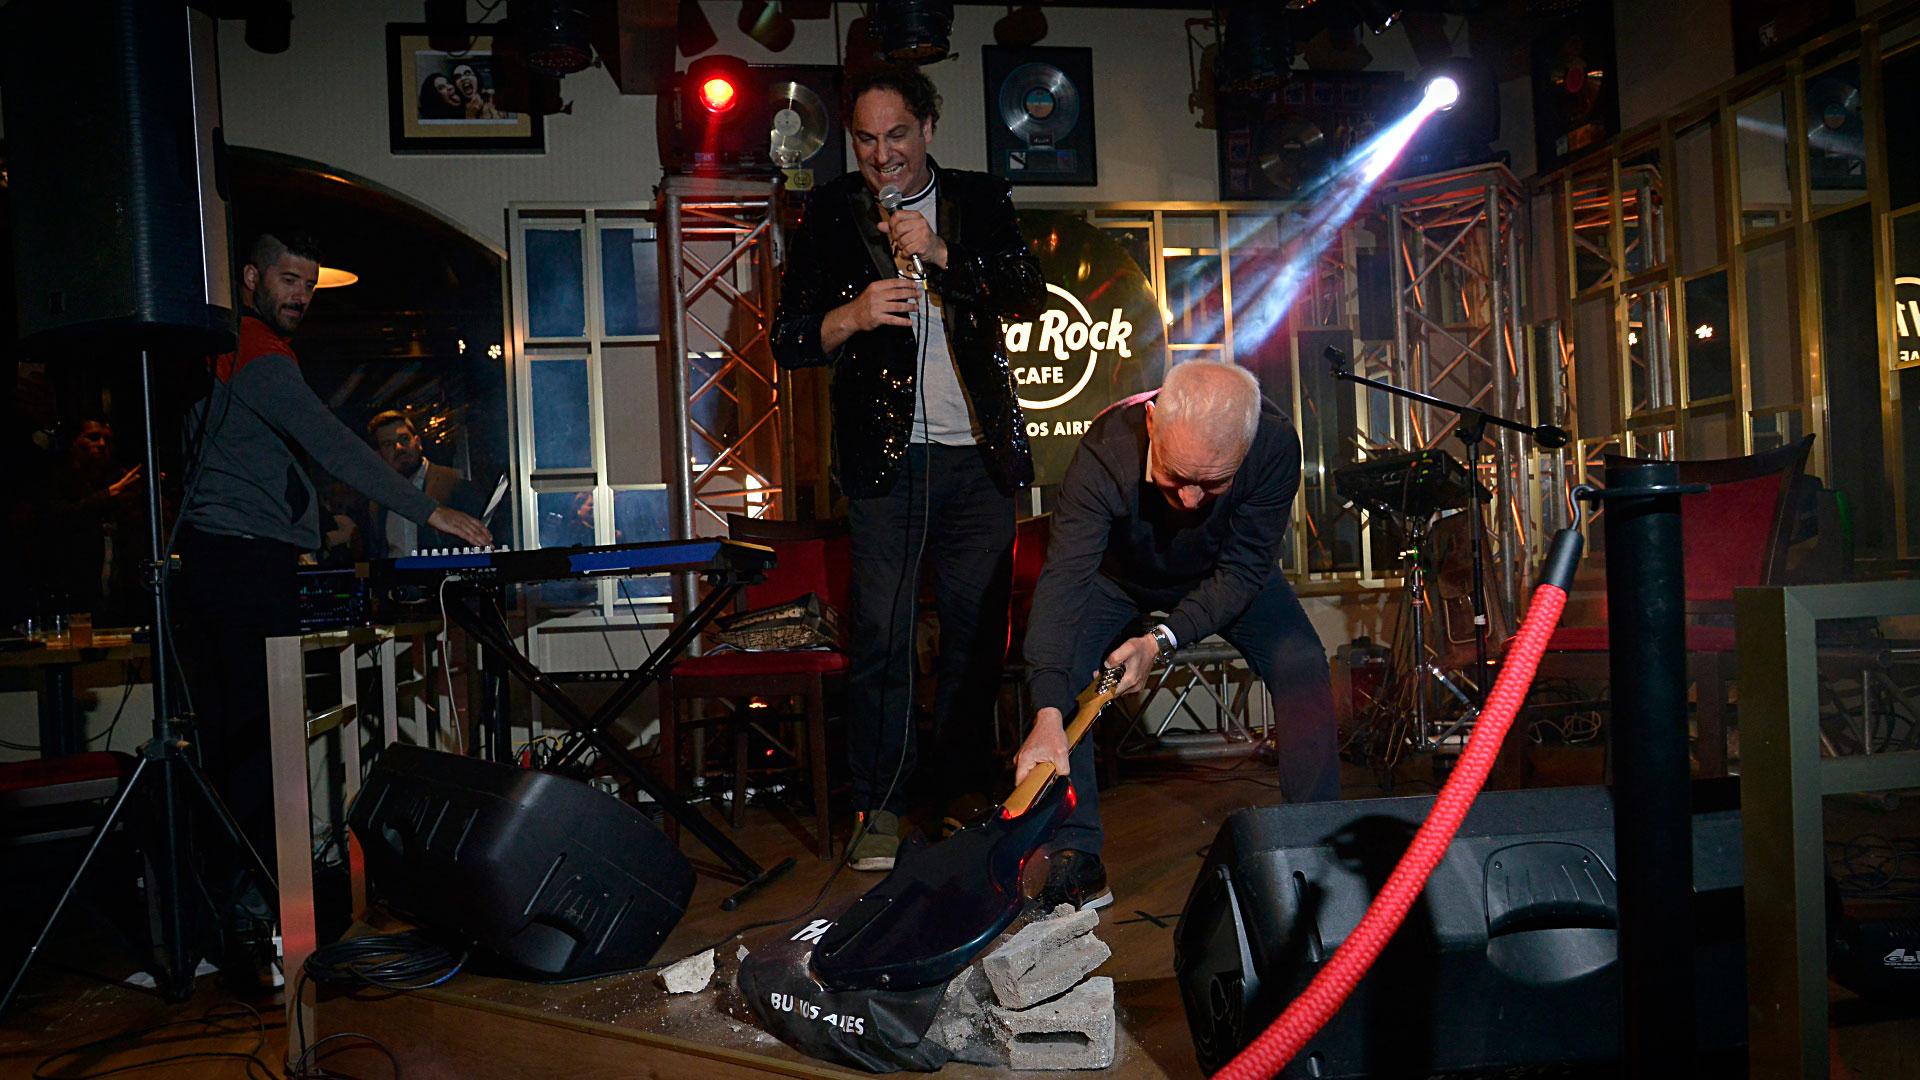 Tal como lo indica la tradición, en cada apertura de un Hard Rock Café se rompe una guitarra. En esta ocasión, el encargado de la ceremonia en el nuevo local de Puerto Madero fue su dueño, Víctor Blanco, presidente de Racing